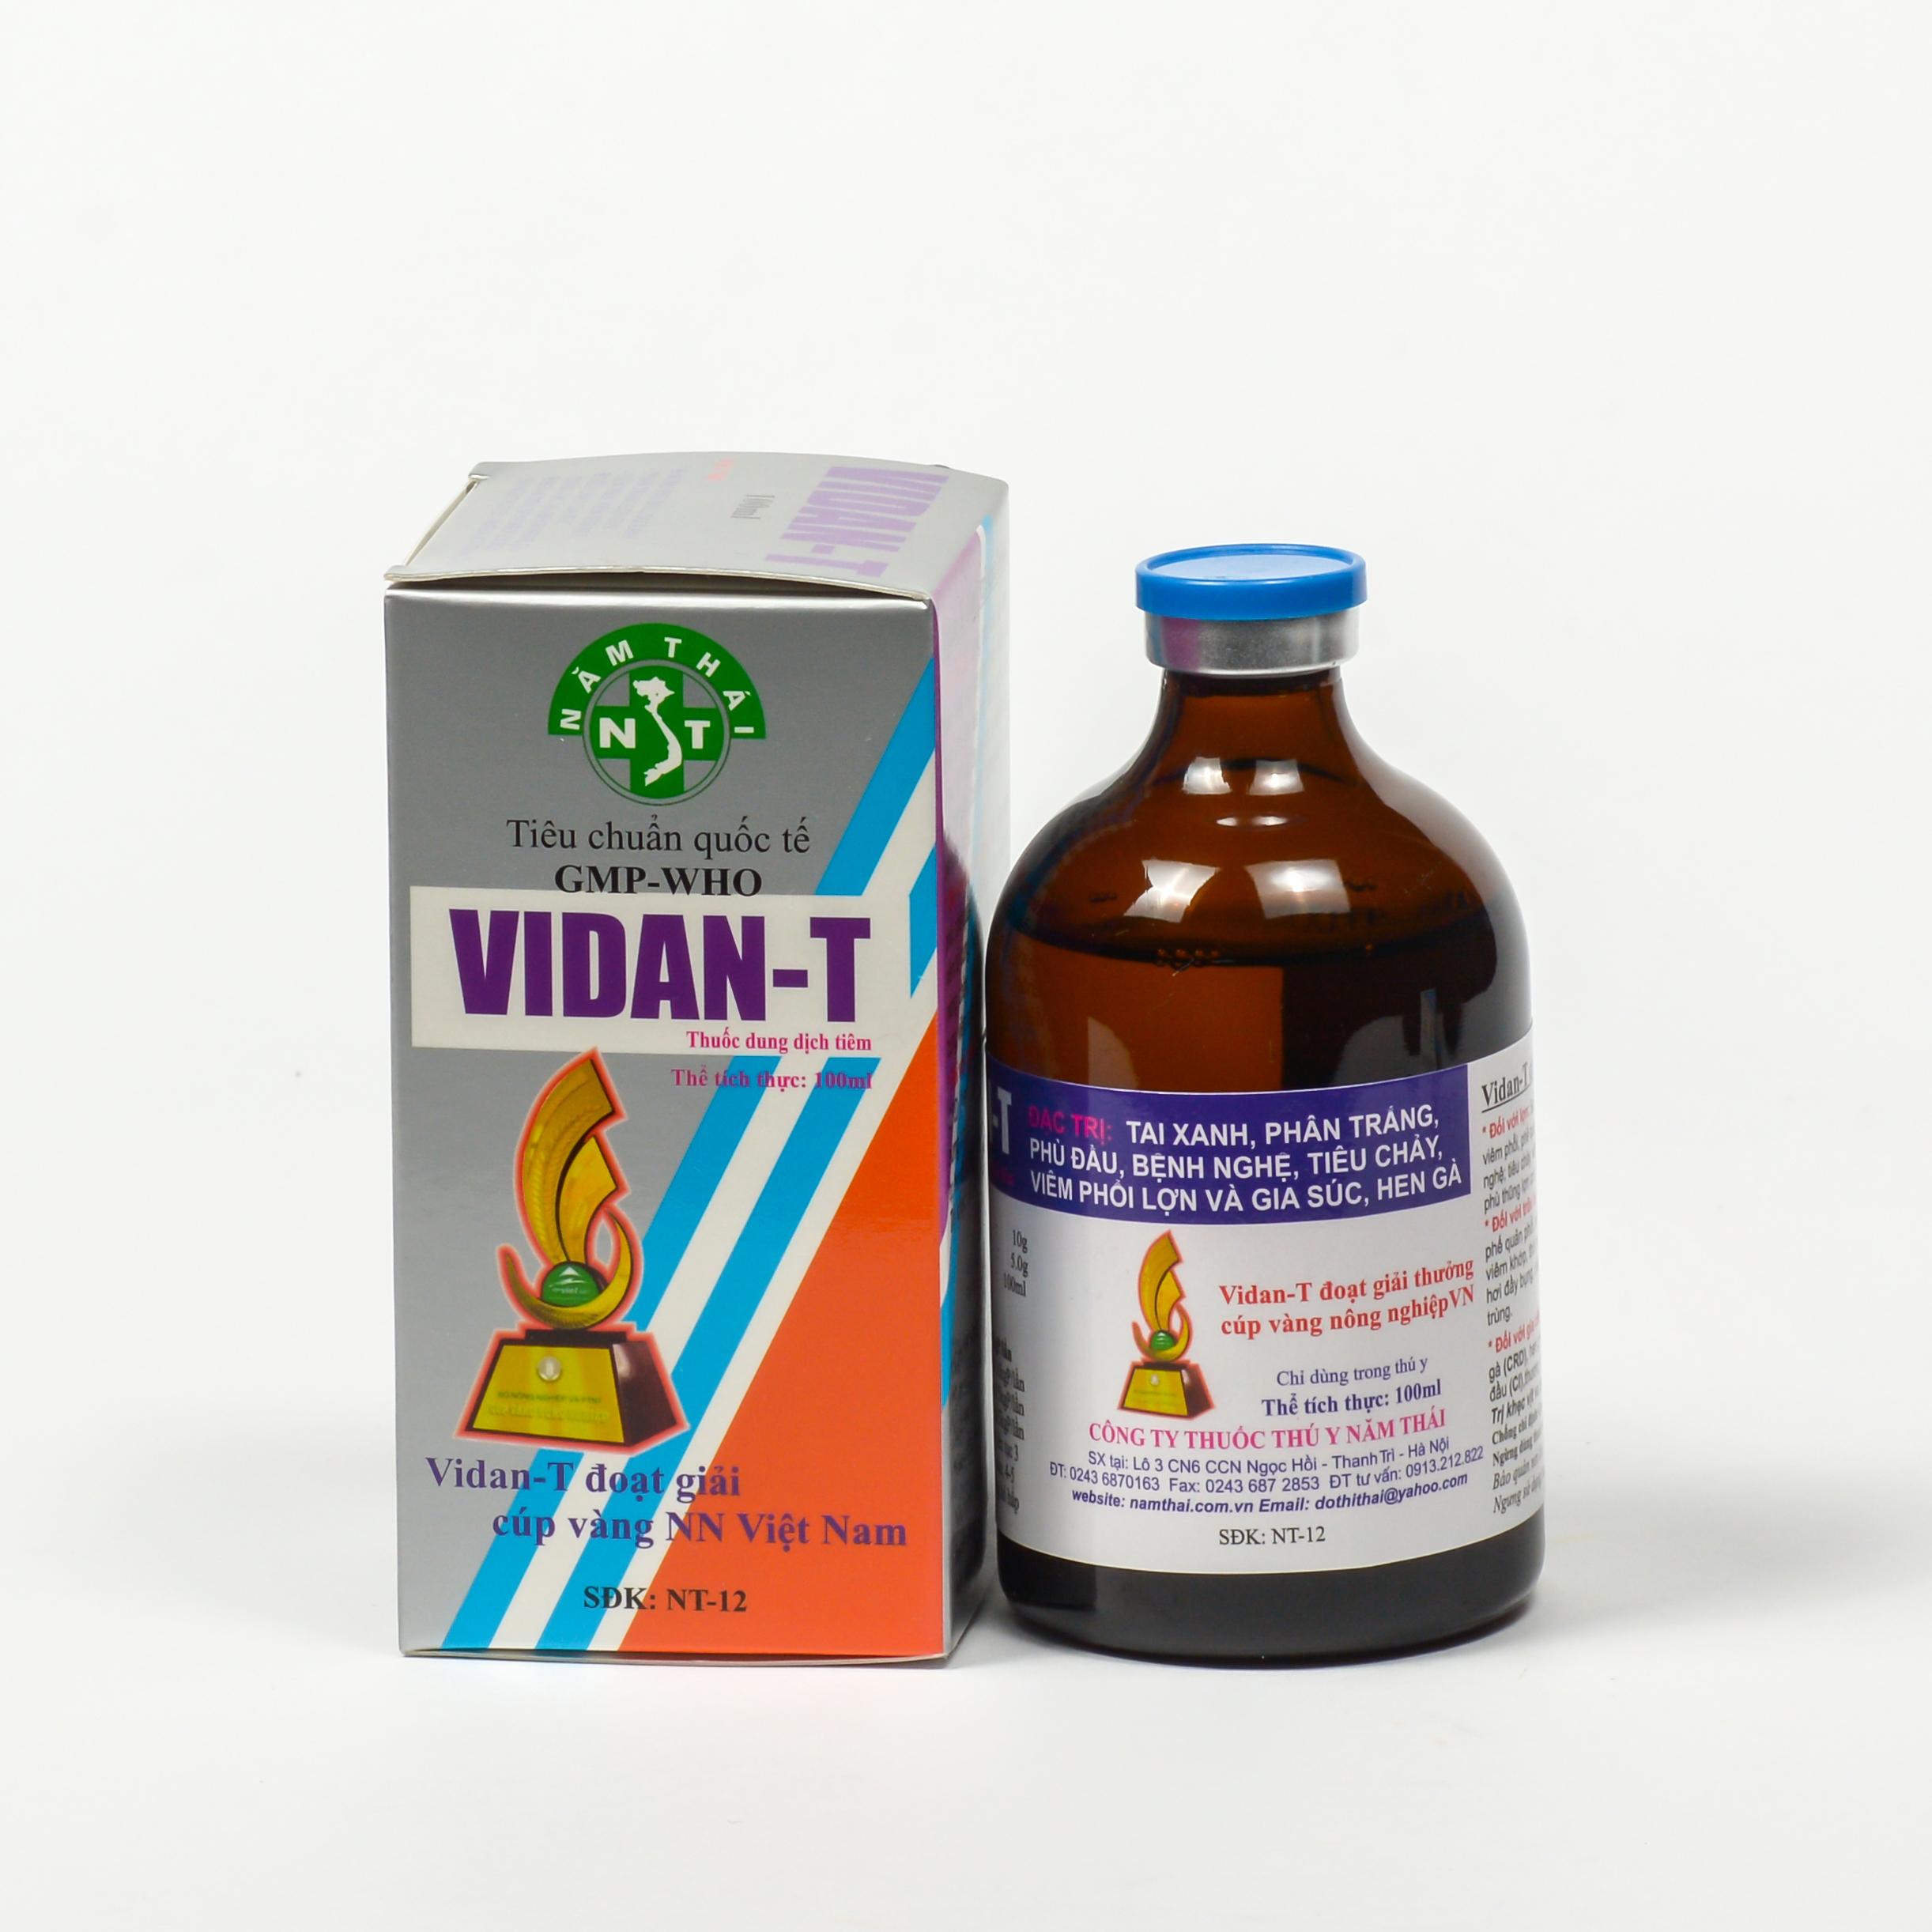 VIDAN - T 100ml